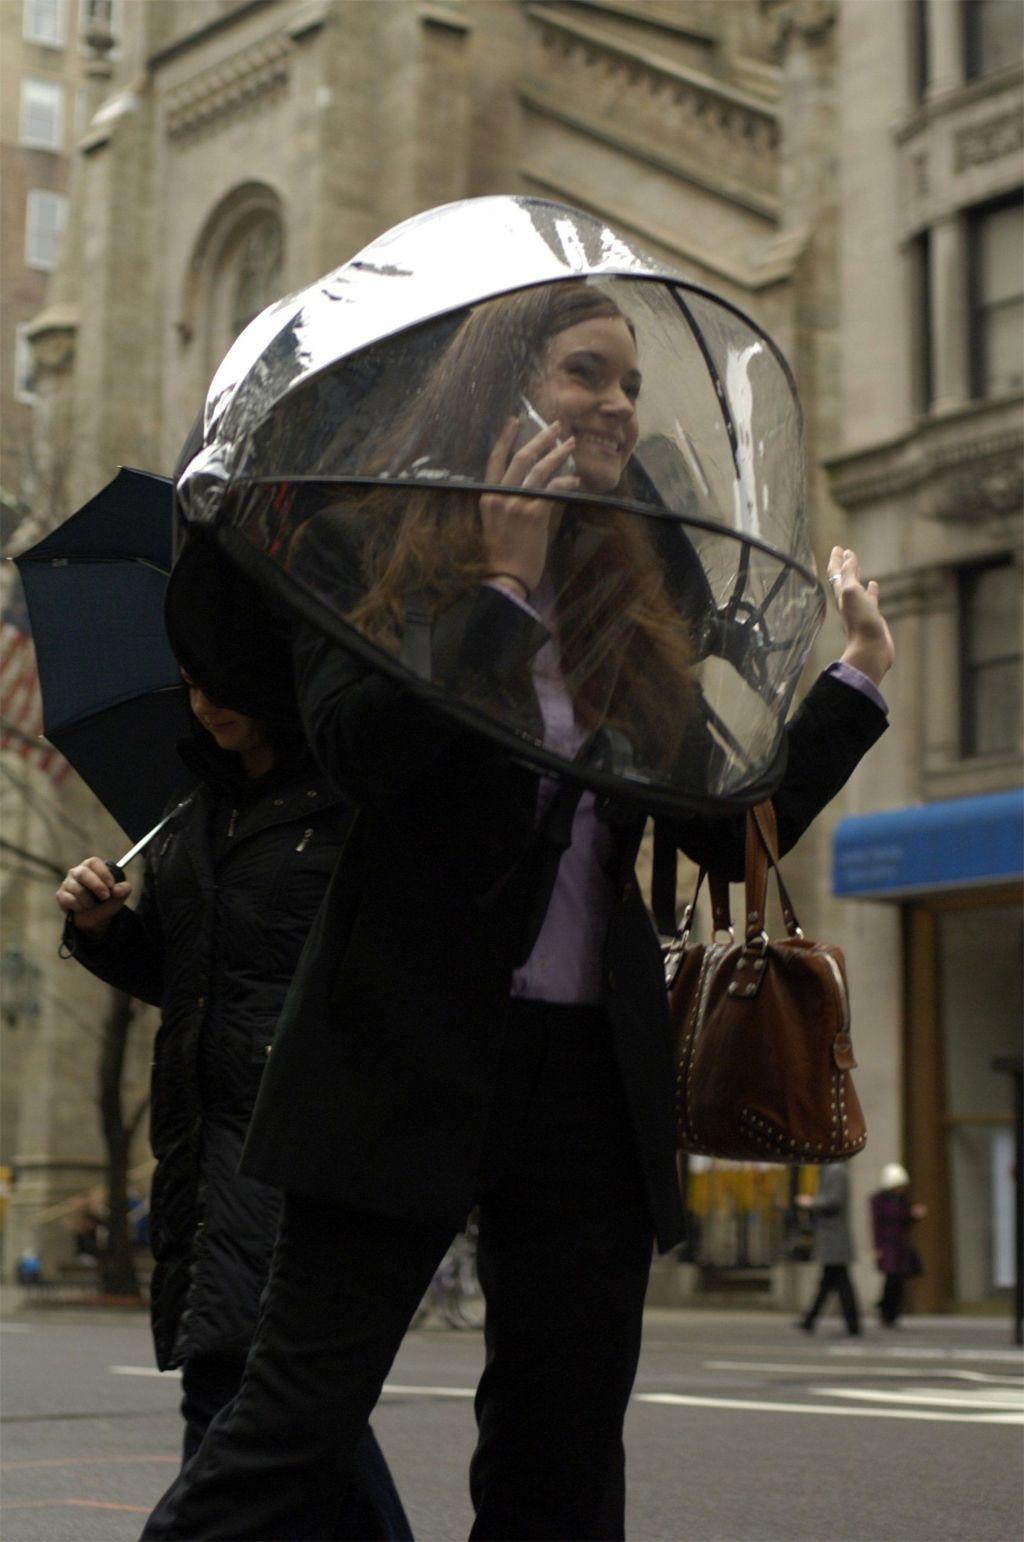 Nubrella Hands Free Umbrella Idiot Buy Umbrella Design Umbrella Umbrella Design Ideas